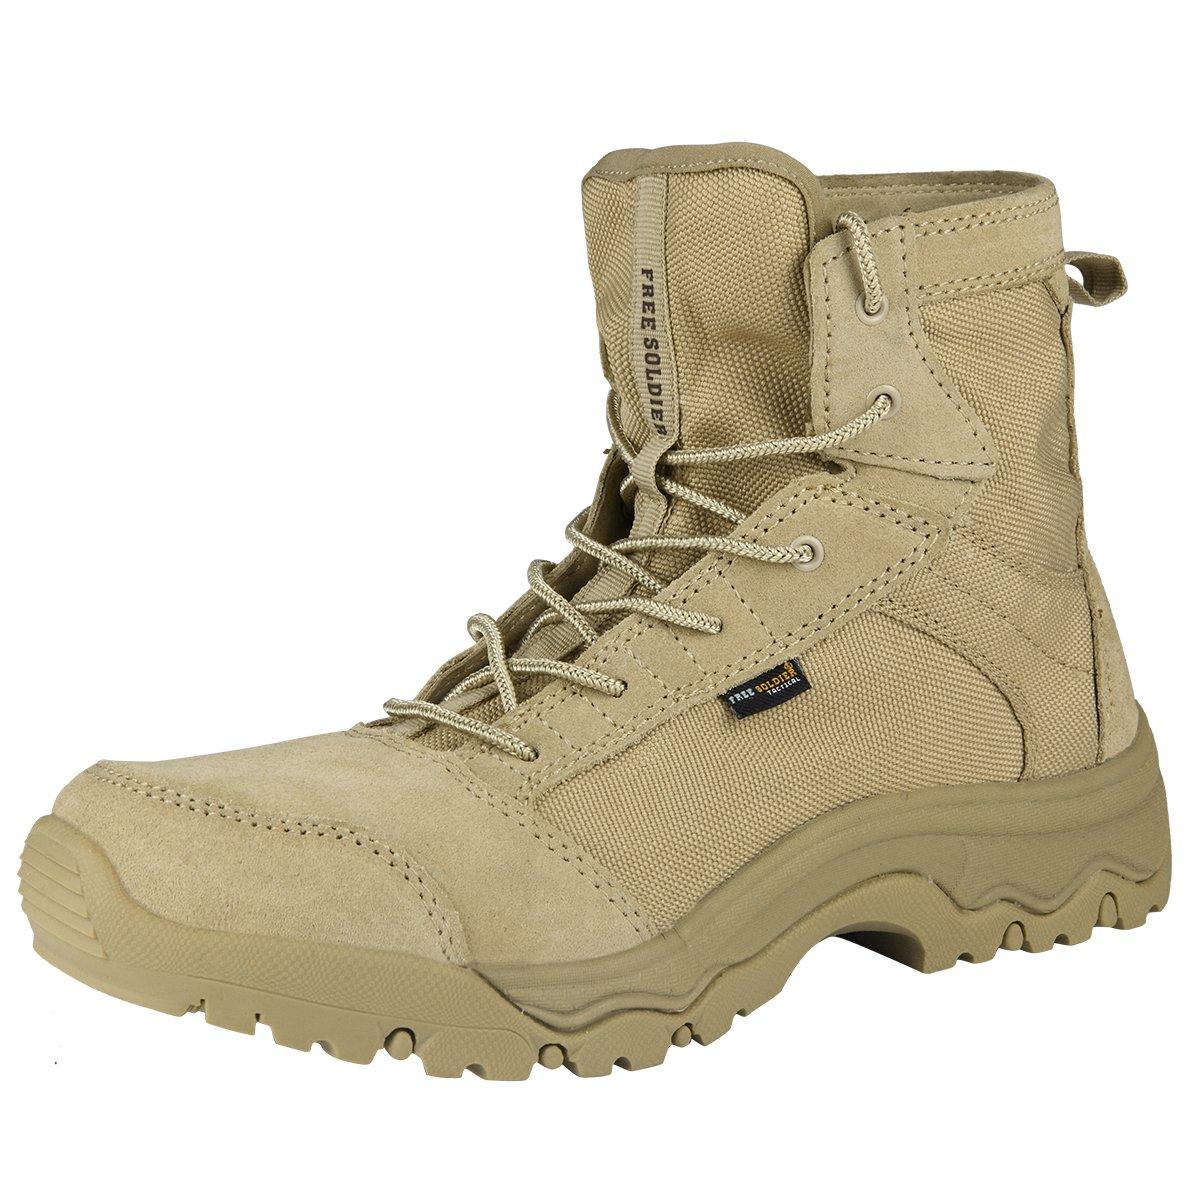 FREE SOLDIER Men's Lightweight Tactical Boots - Desert Tan(Sand 10.5)